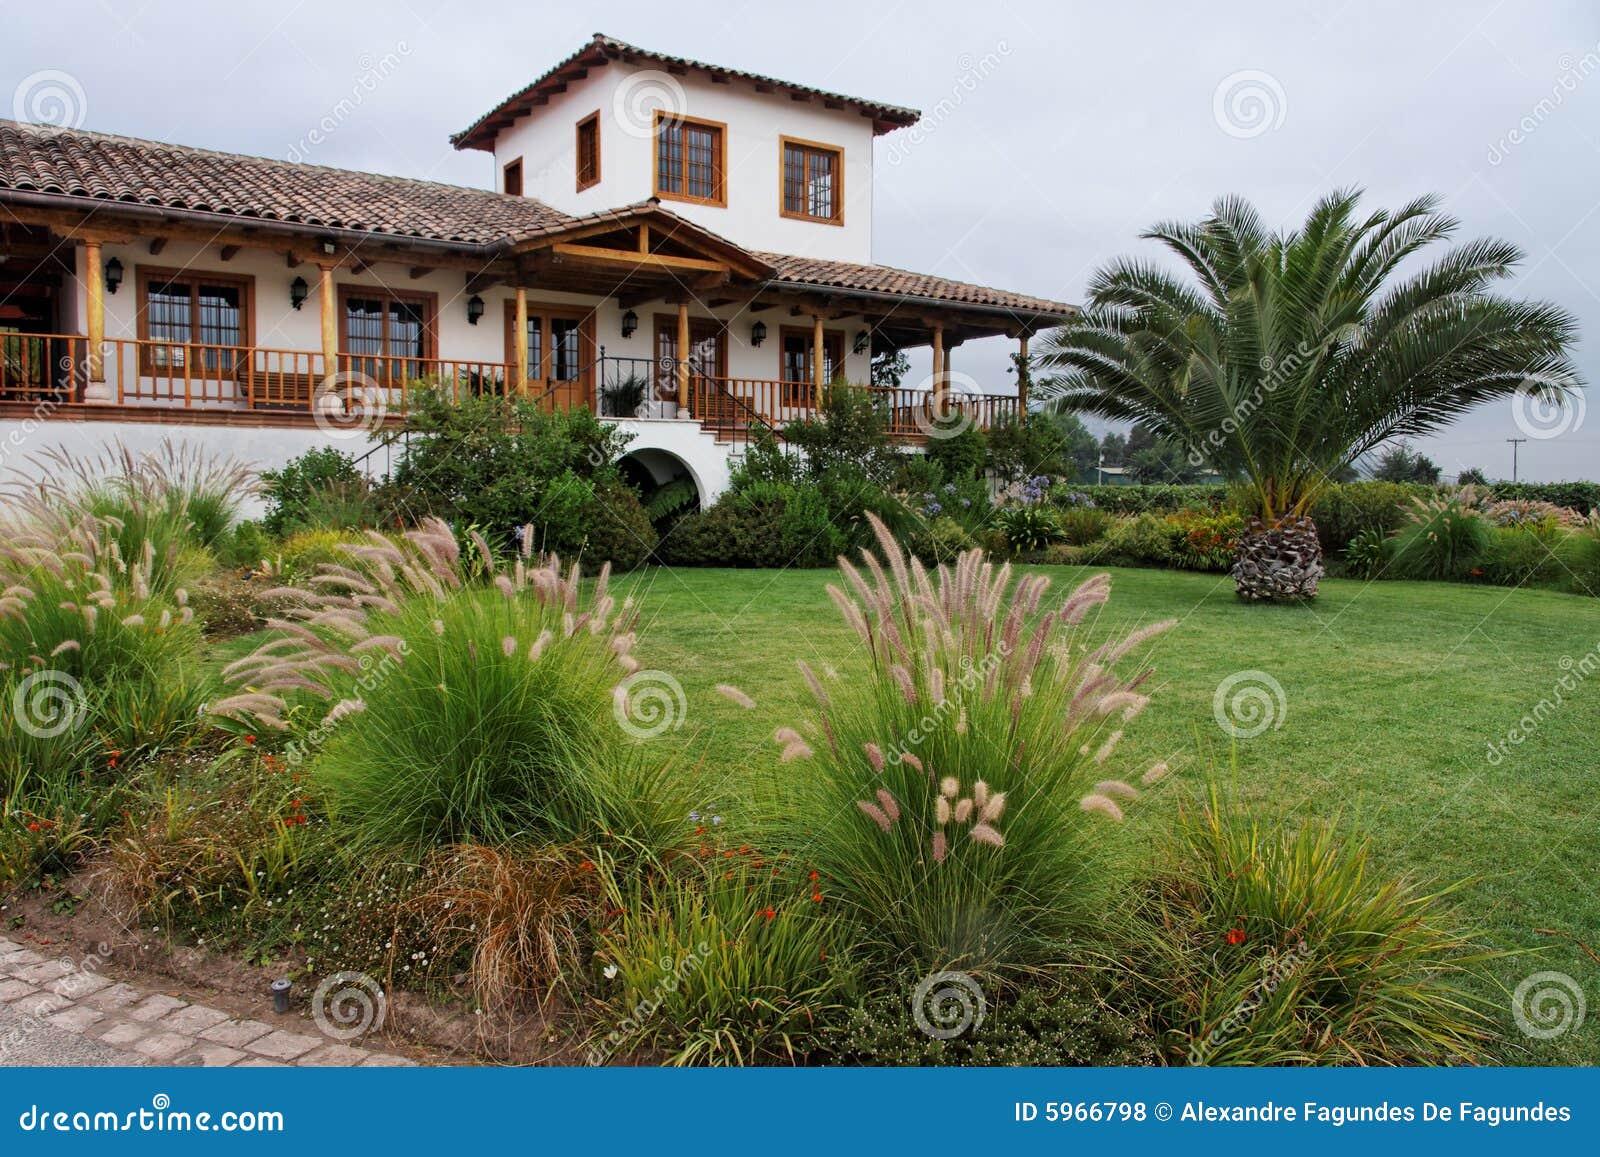 jardin de maison de campagne photos libres de droits image 5966798. Black Bedroom Furniture Sets. Home Design Ideas